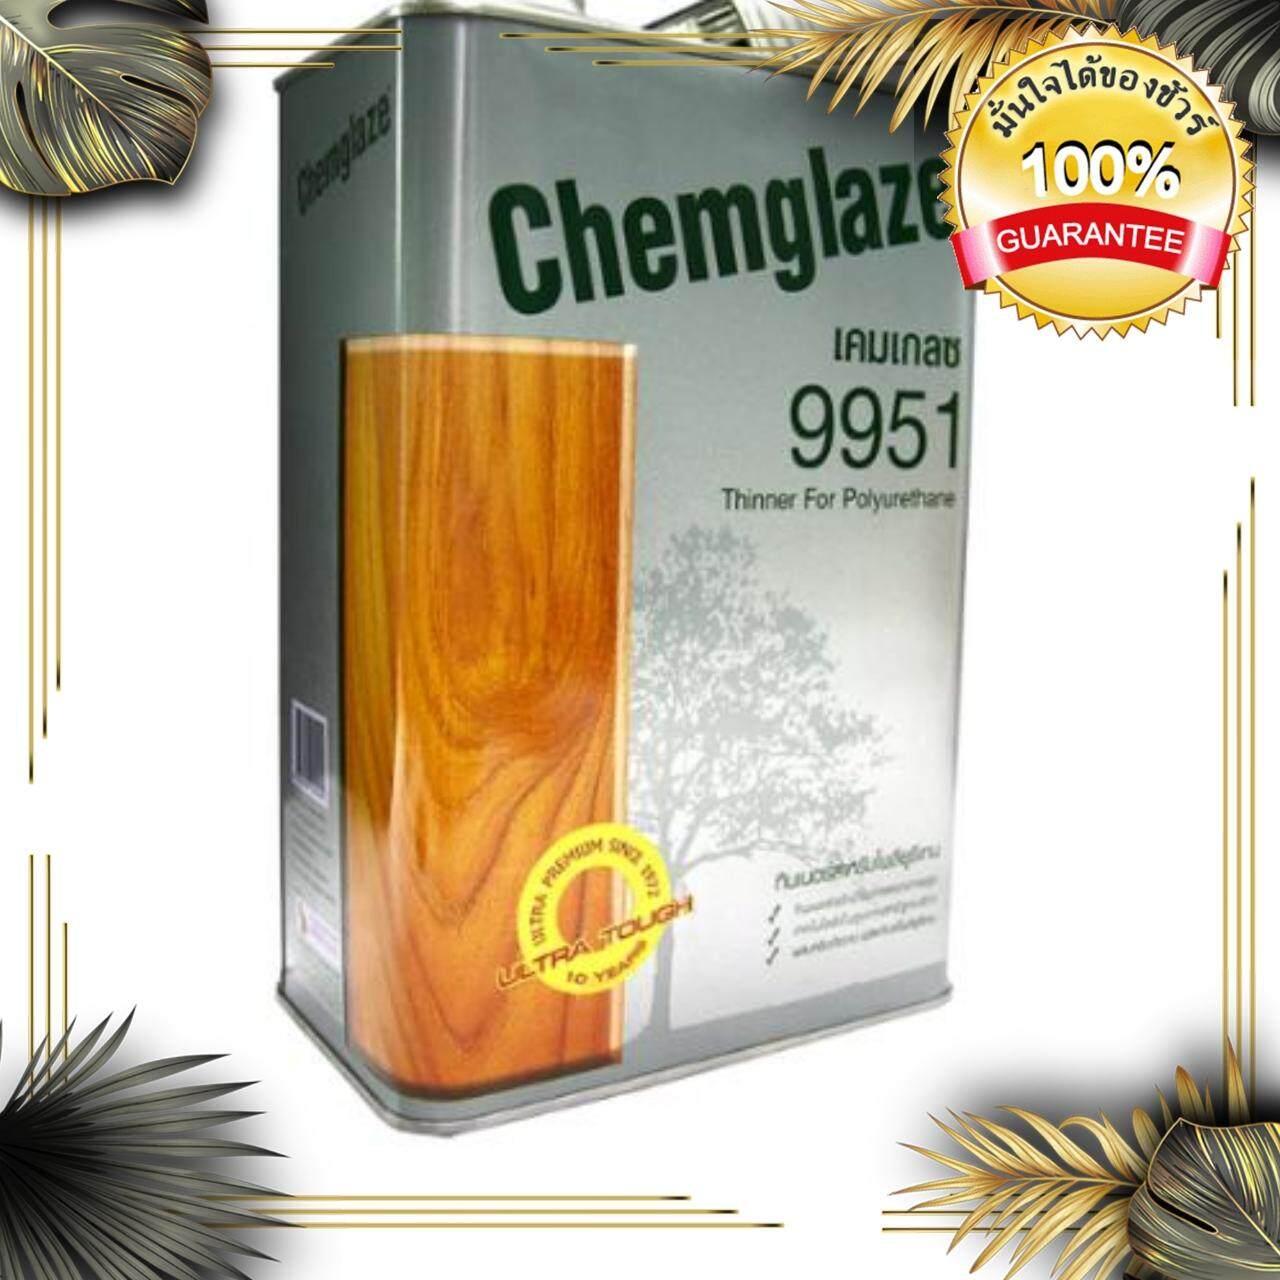 Snowmanhd Chemglaze ทินเนอร์ 9951 ใส ตัวทำละลาย การ สกัด ด้วย ตัว ทำ ละลาย สี อี พ็ อก ซี่ น้ำมันสน น้ํา ยา ซักแห้ง ทิน เนอ ร์ ทิน เนอ ร์ ราคา โค ร มา โท ก รา ฟี แบบ กระดาษ เข้มข้น สารละลาย พลาสติก วิธี การ สกัด น้ำมัน หอม ระเหย ส่วนประกอบ ของ สบู่ ก.